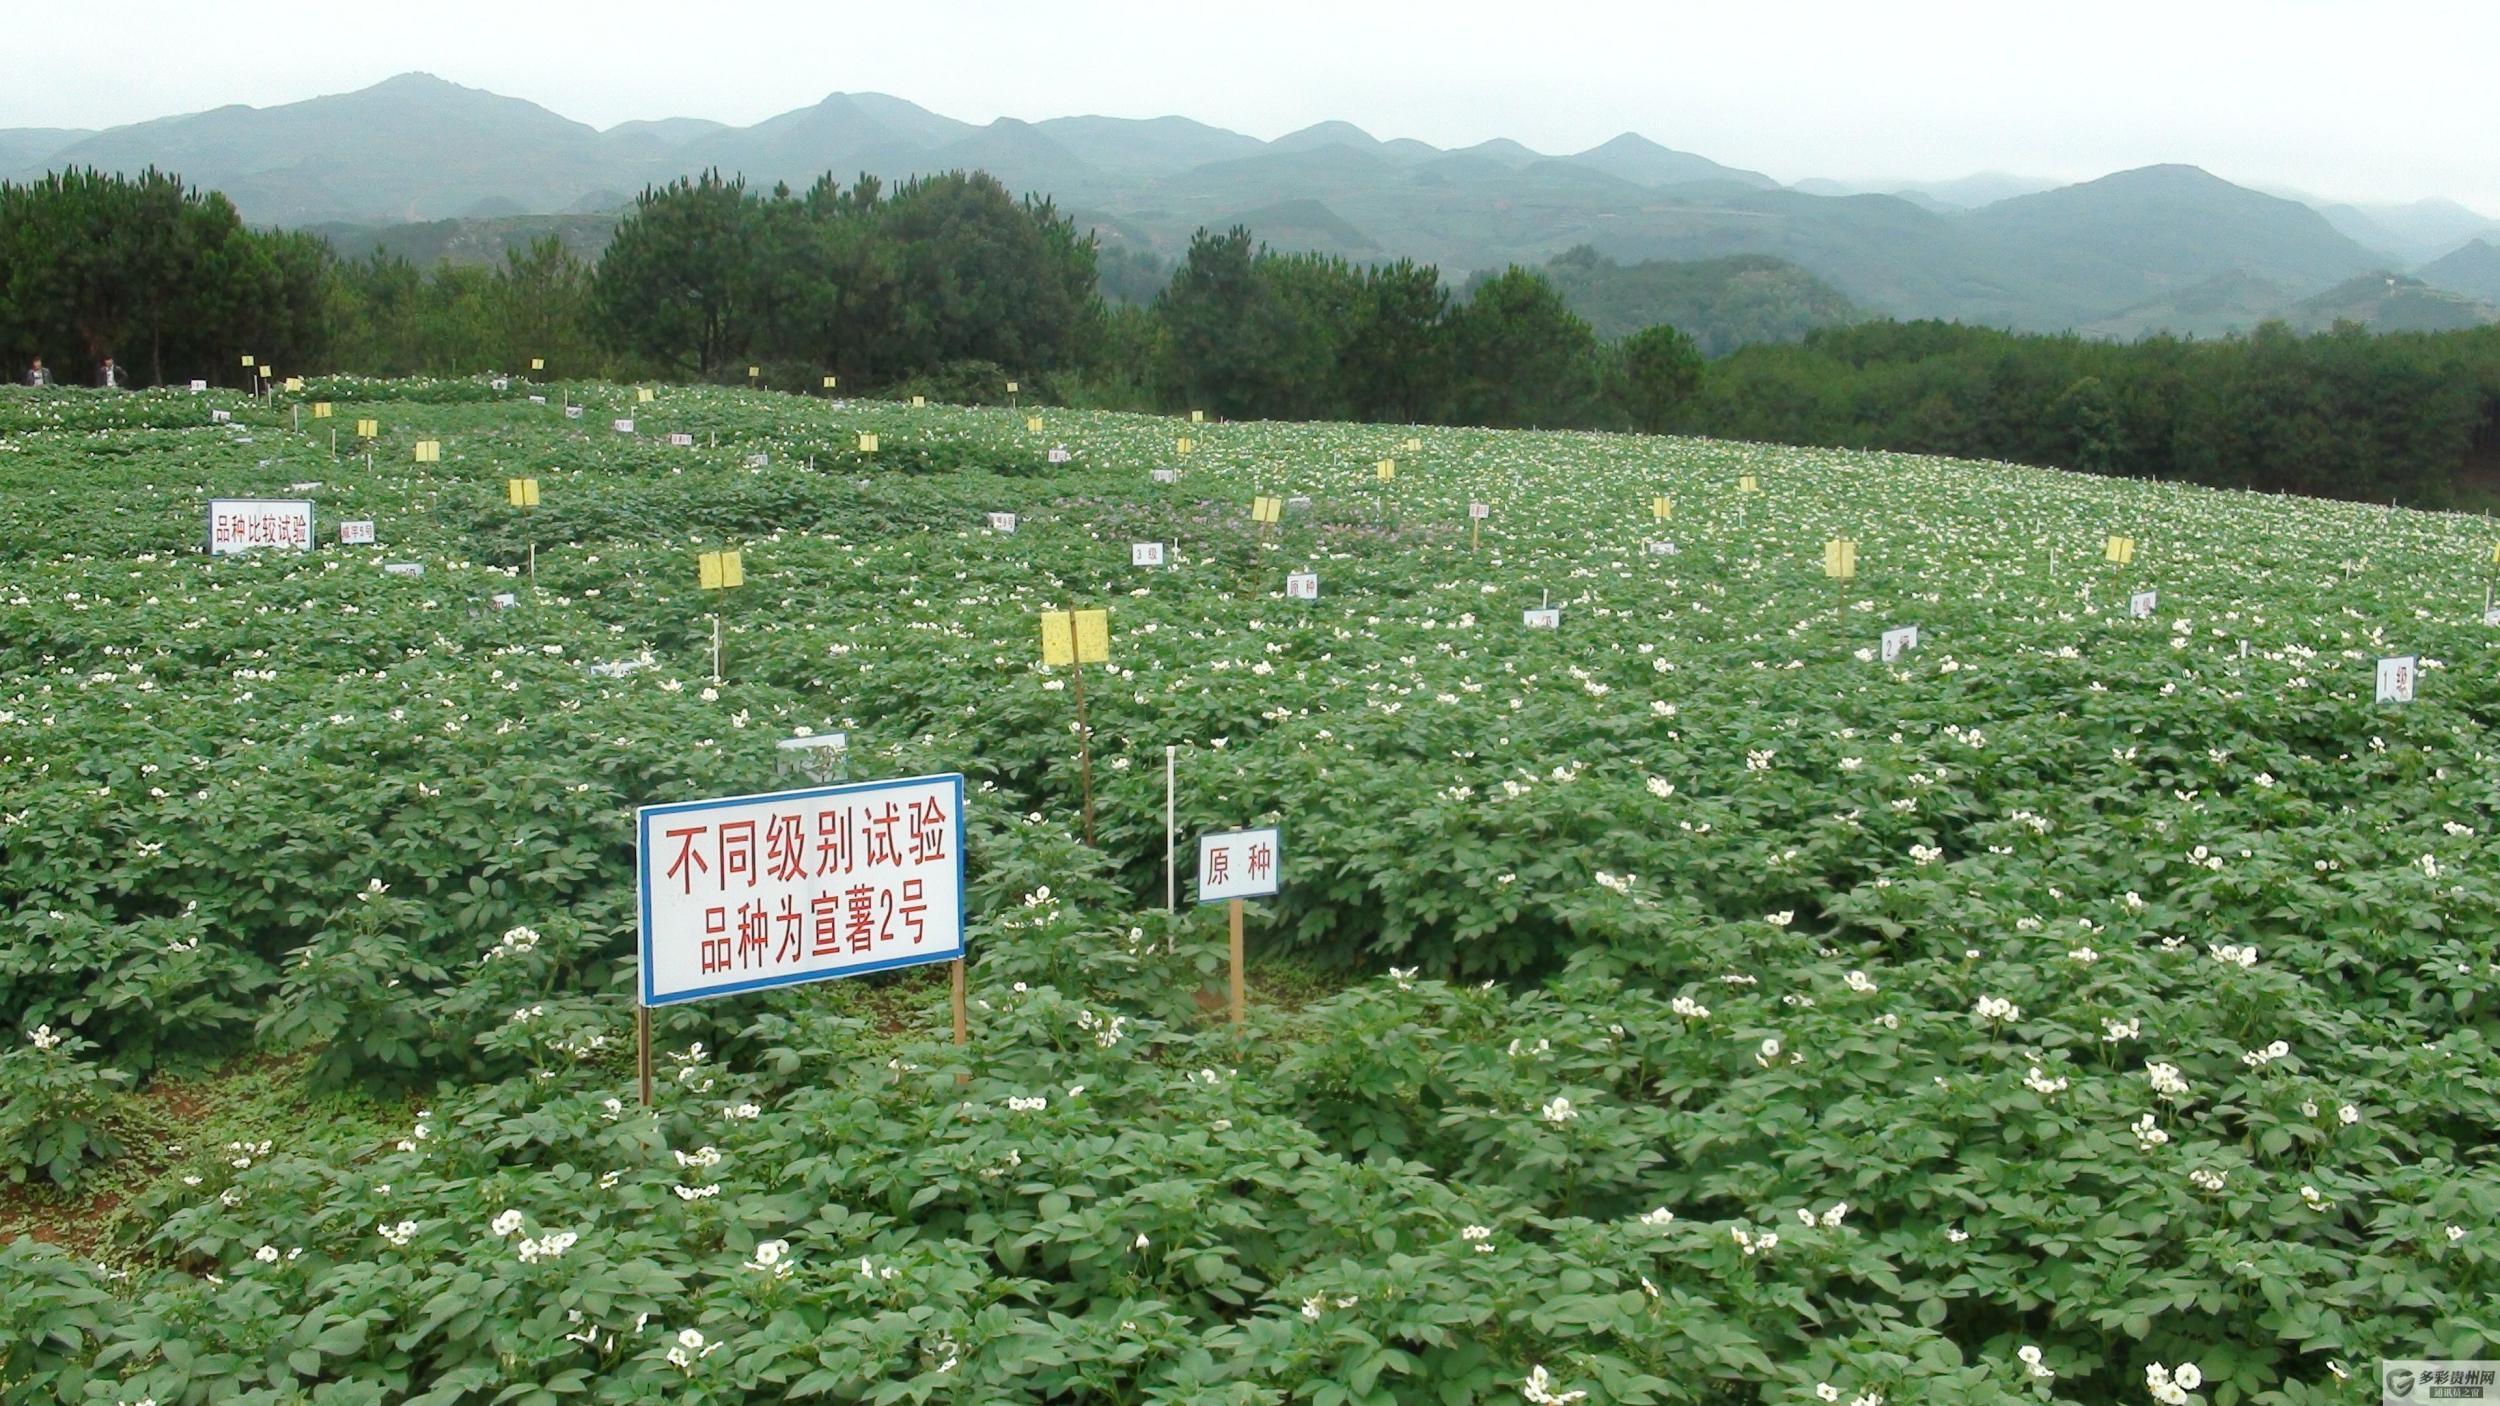 """贵州威宁""""四个一""""推动马铃薯产业转型升级_薯卫士_马铃薯支持平台"""